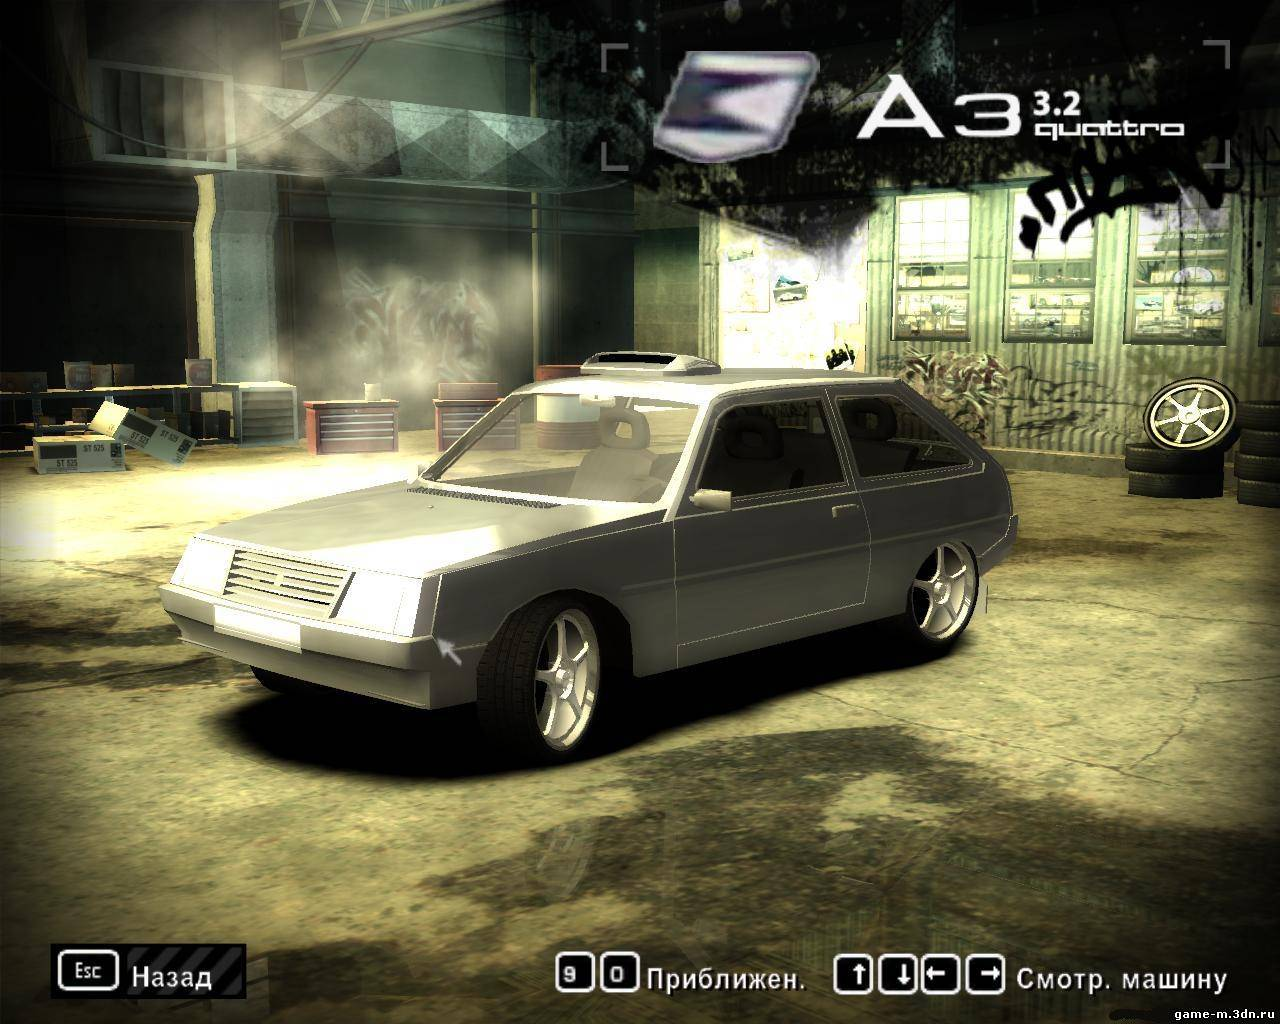 Мод для игры nfs: mw, который заменит автомобиль audi a4 на русский автомобиль ваз 2101(копейка)